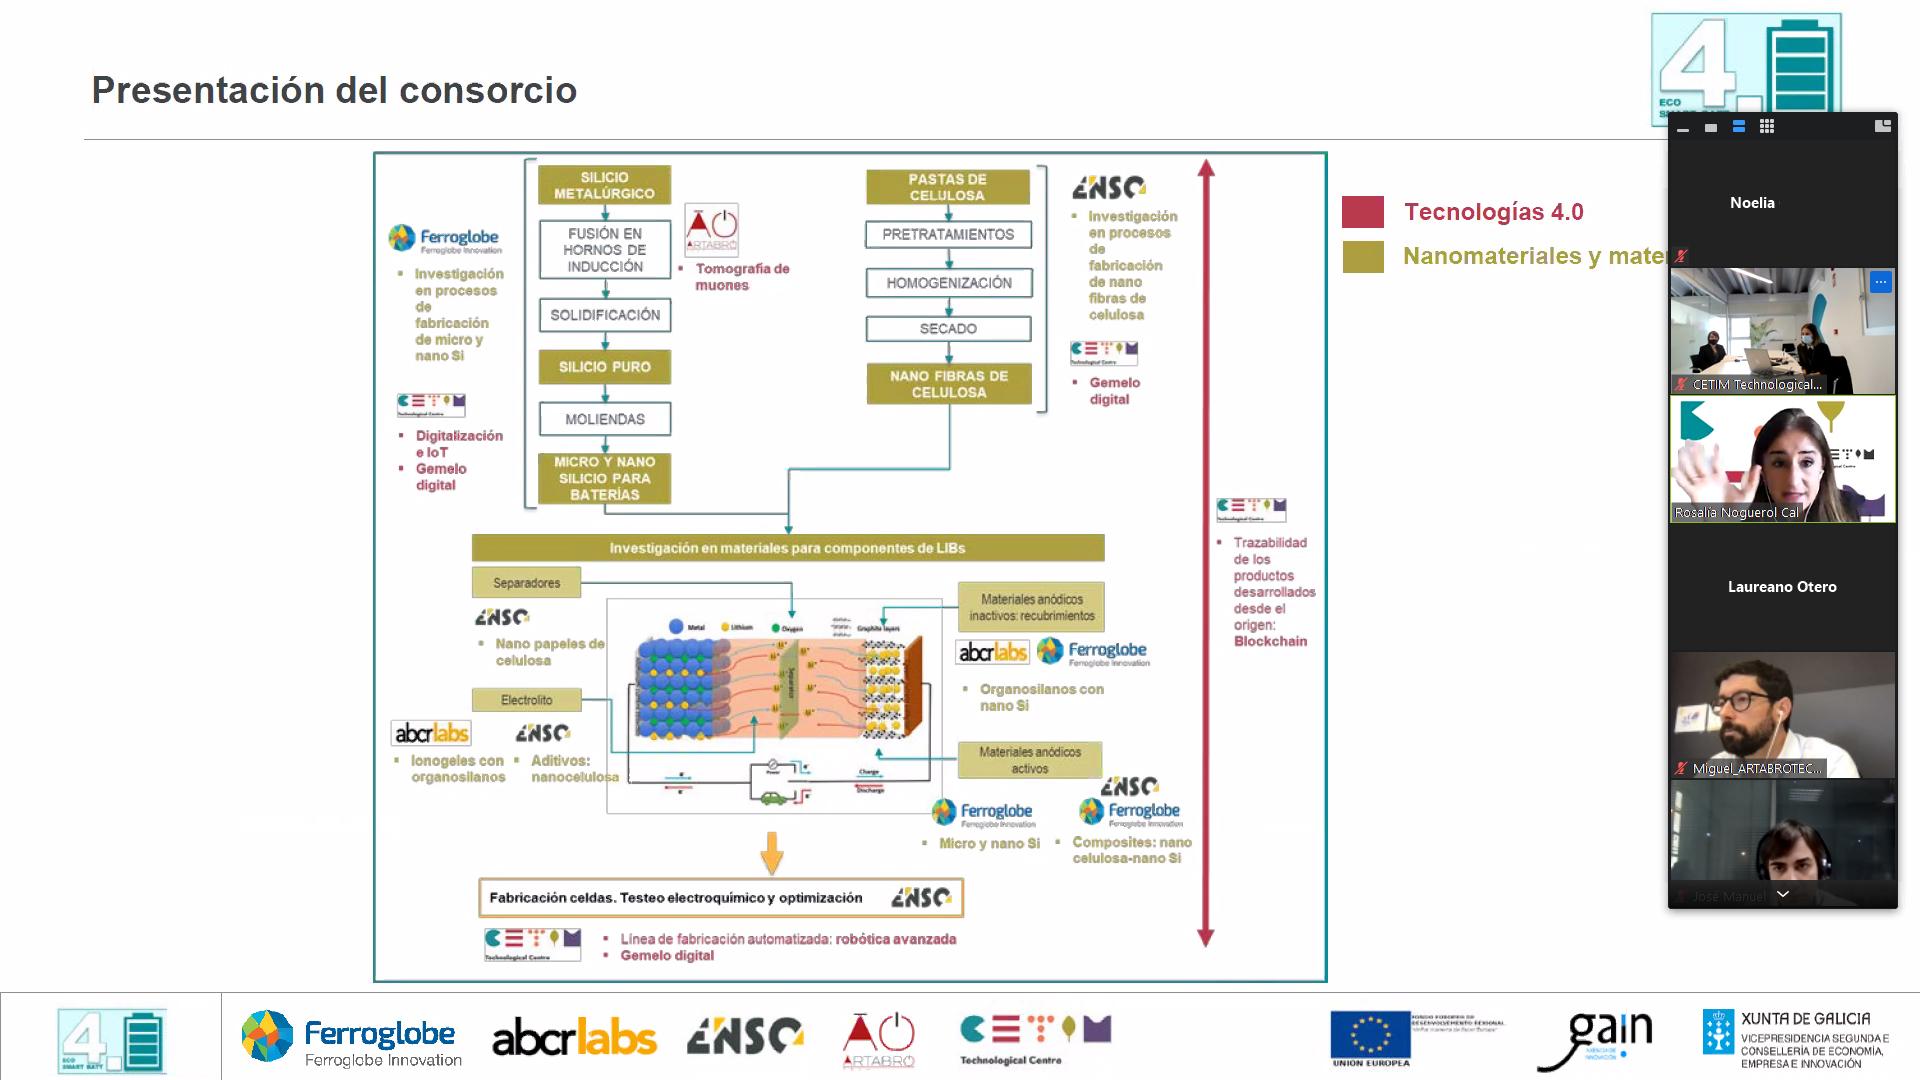 Presentación del proyecto ECO-SMART BATT para fabricación 4.0 sostenible de nanocompuestos e ionogeles en baterías ion-litio de alta densidad energética